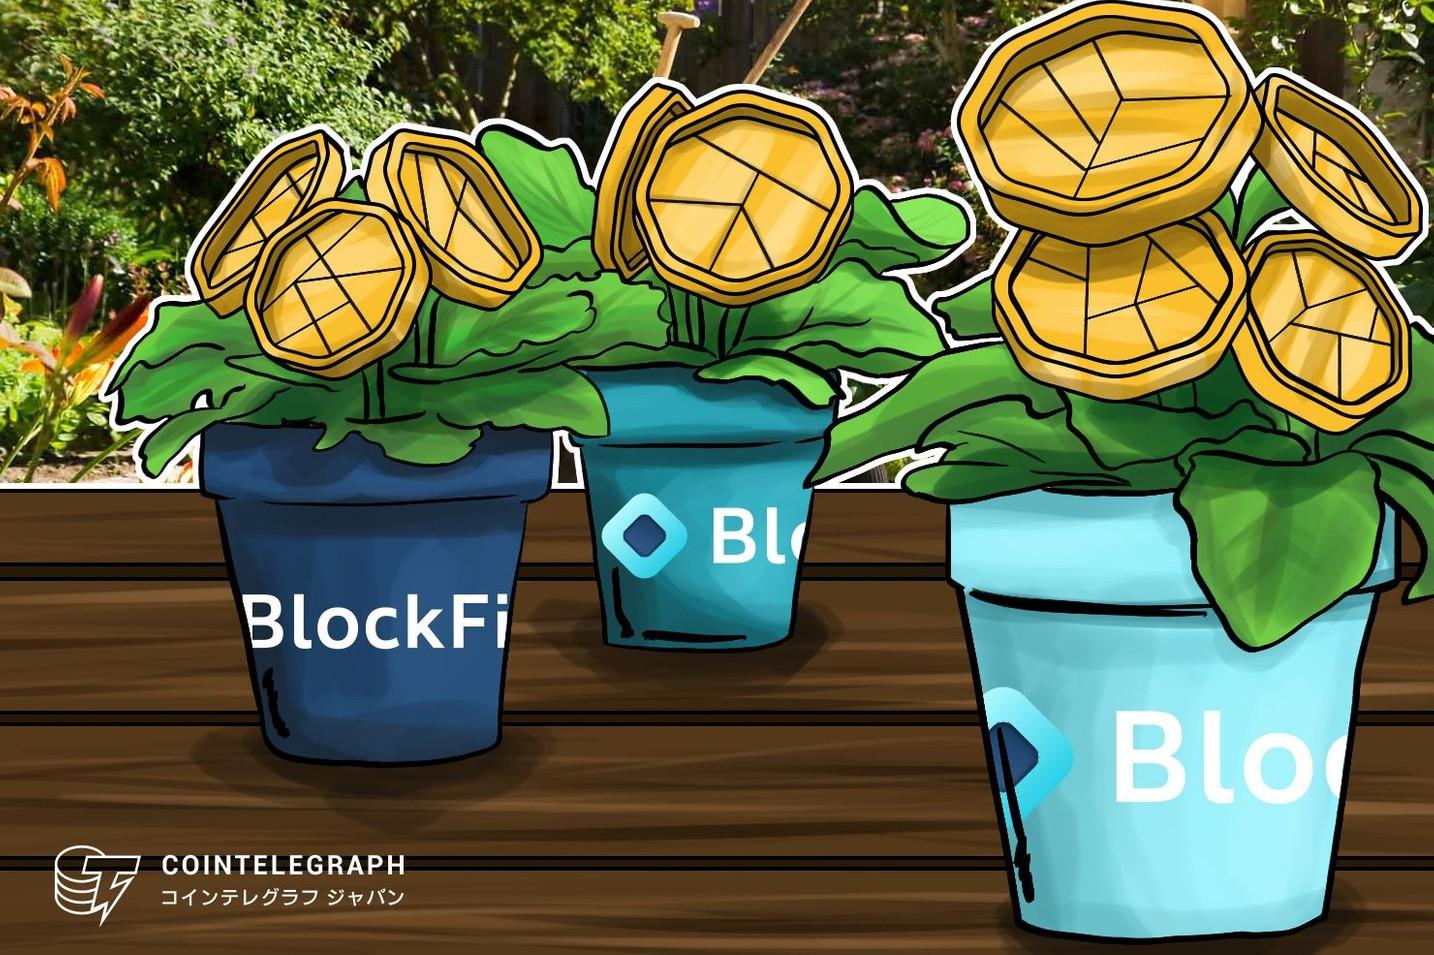 ビットコイン預金の金利アップ、BlockFiが発表 仮想通貨暴落後に好機